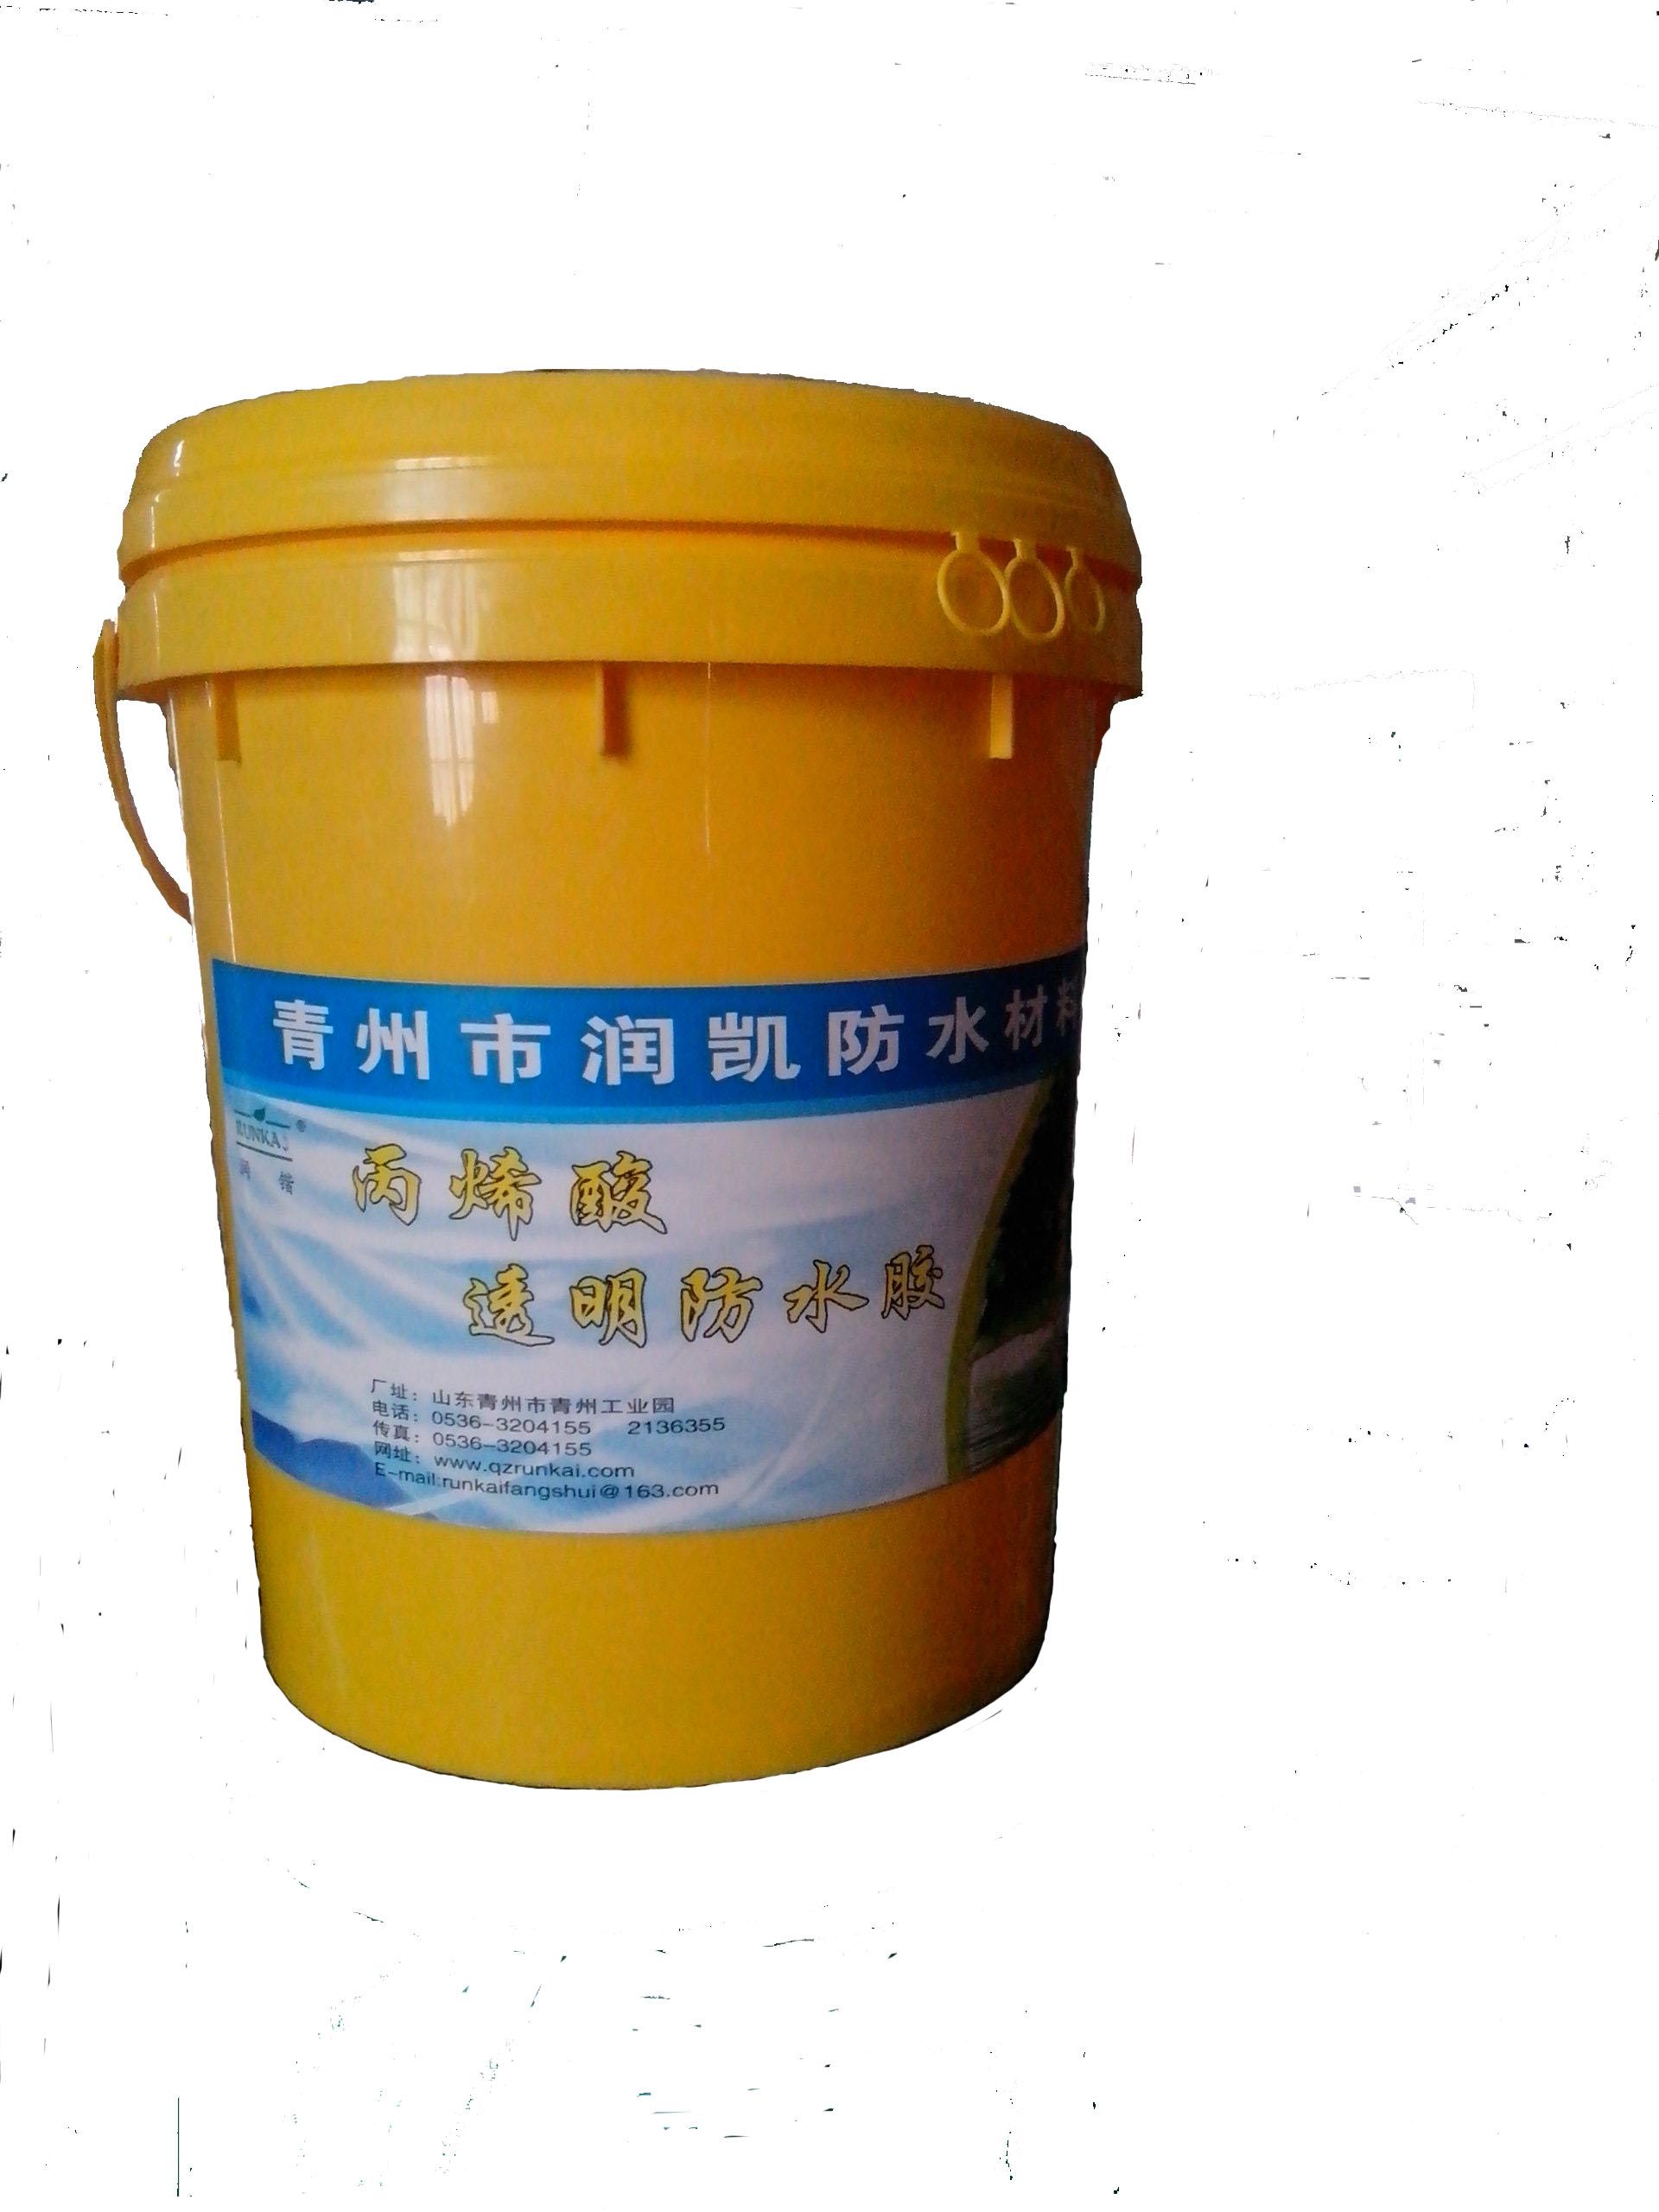 山东优惠的丙烯酸透明防水胶 密云防水胶